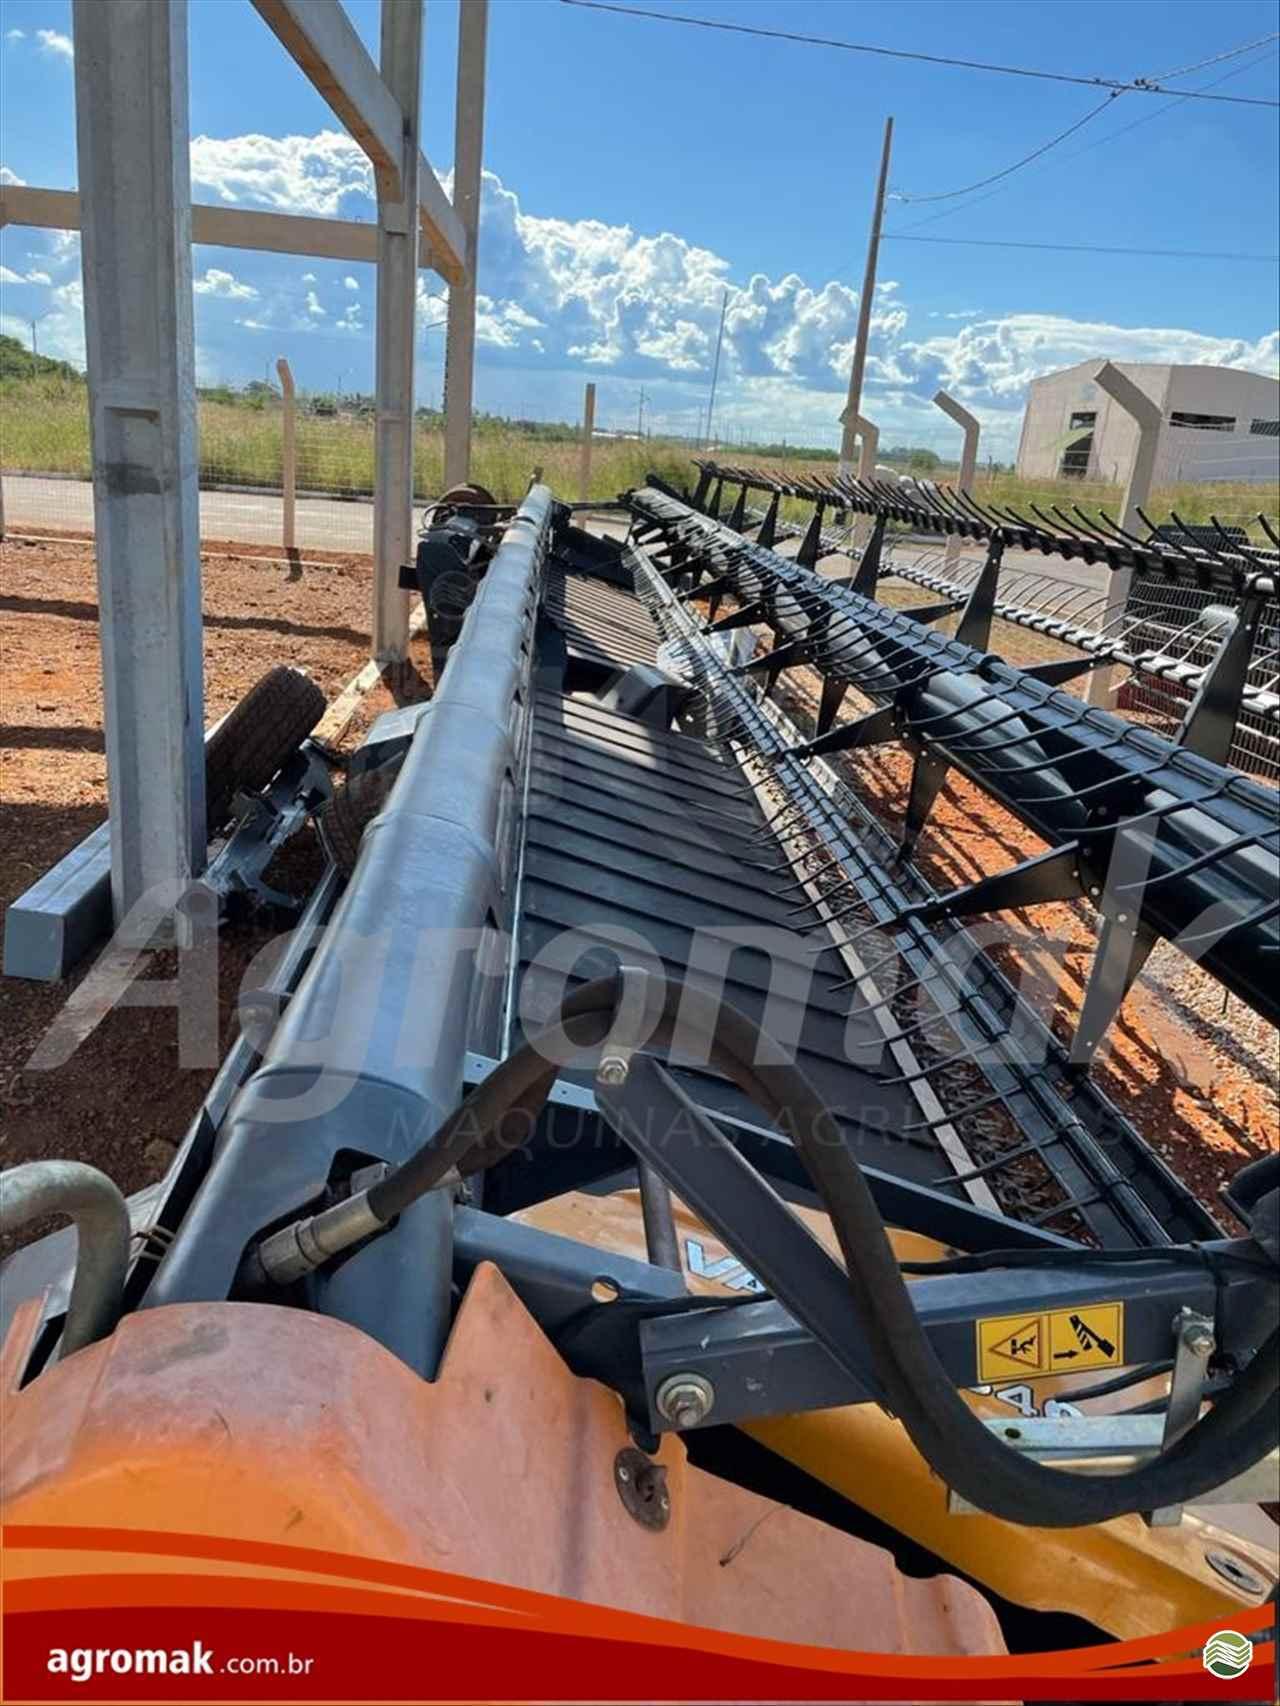 VALTRA VALTRA BC 8800  2019/2019 Agromak Máquinas Agrícolas